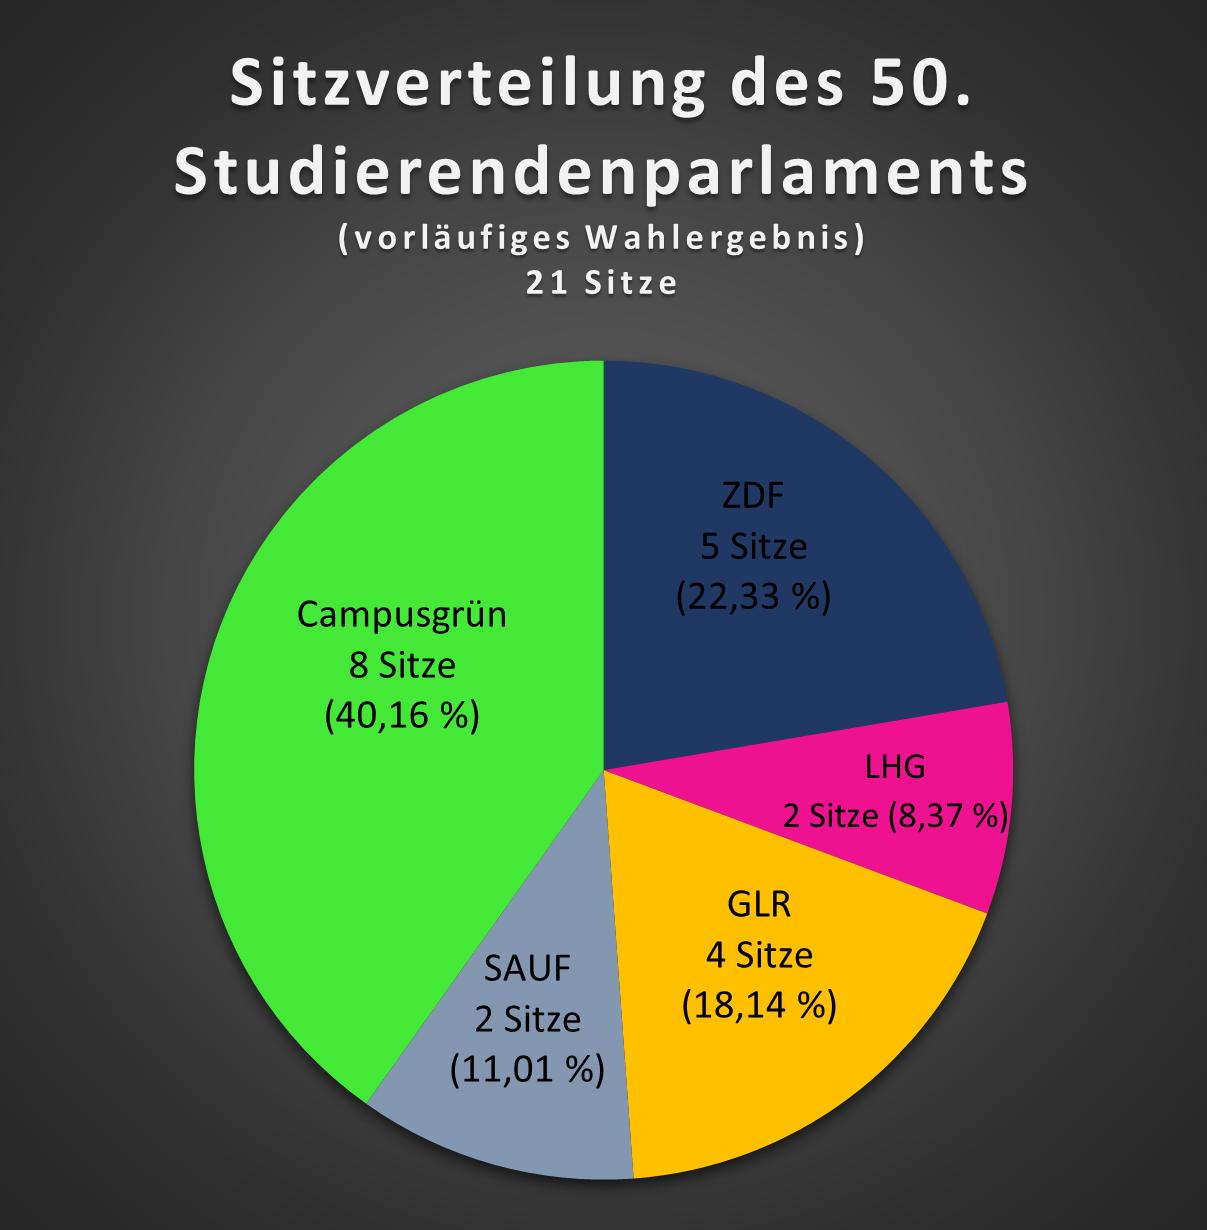 Sitzverteilung im 50. Studierendenparlament entsprechend des vorläufigen Endergebnisses, Grafik: td